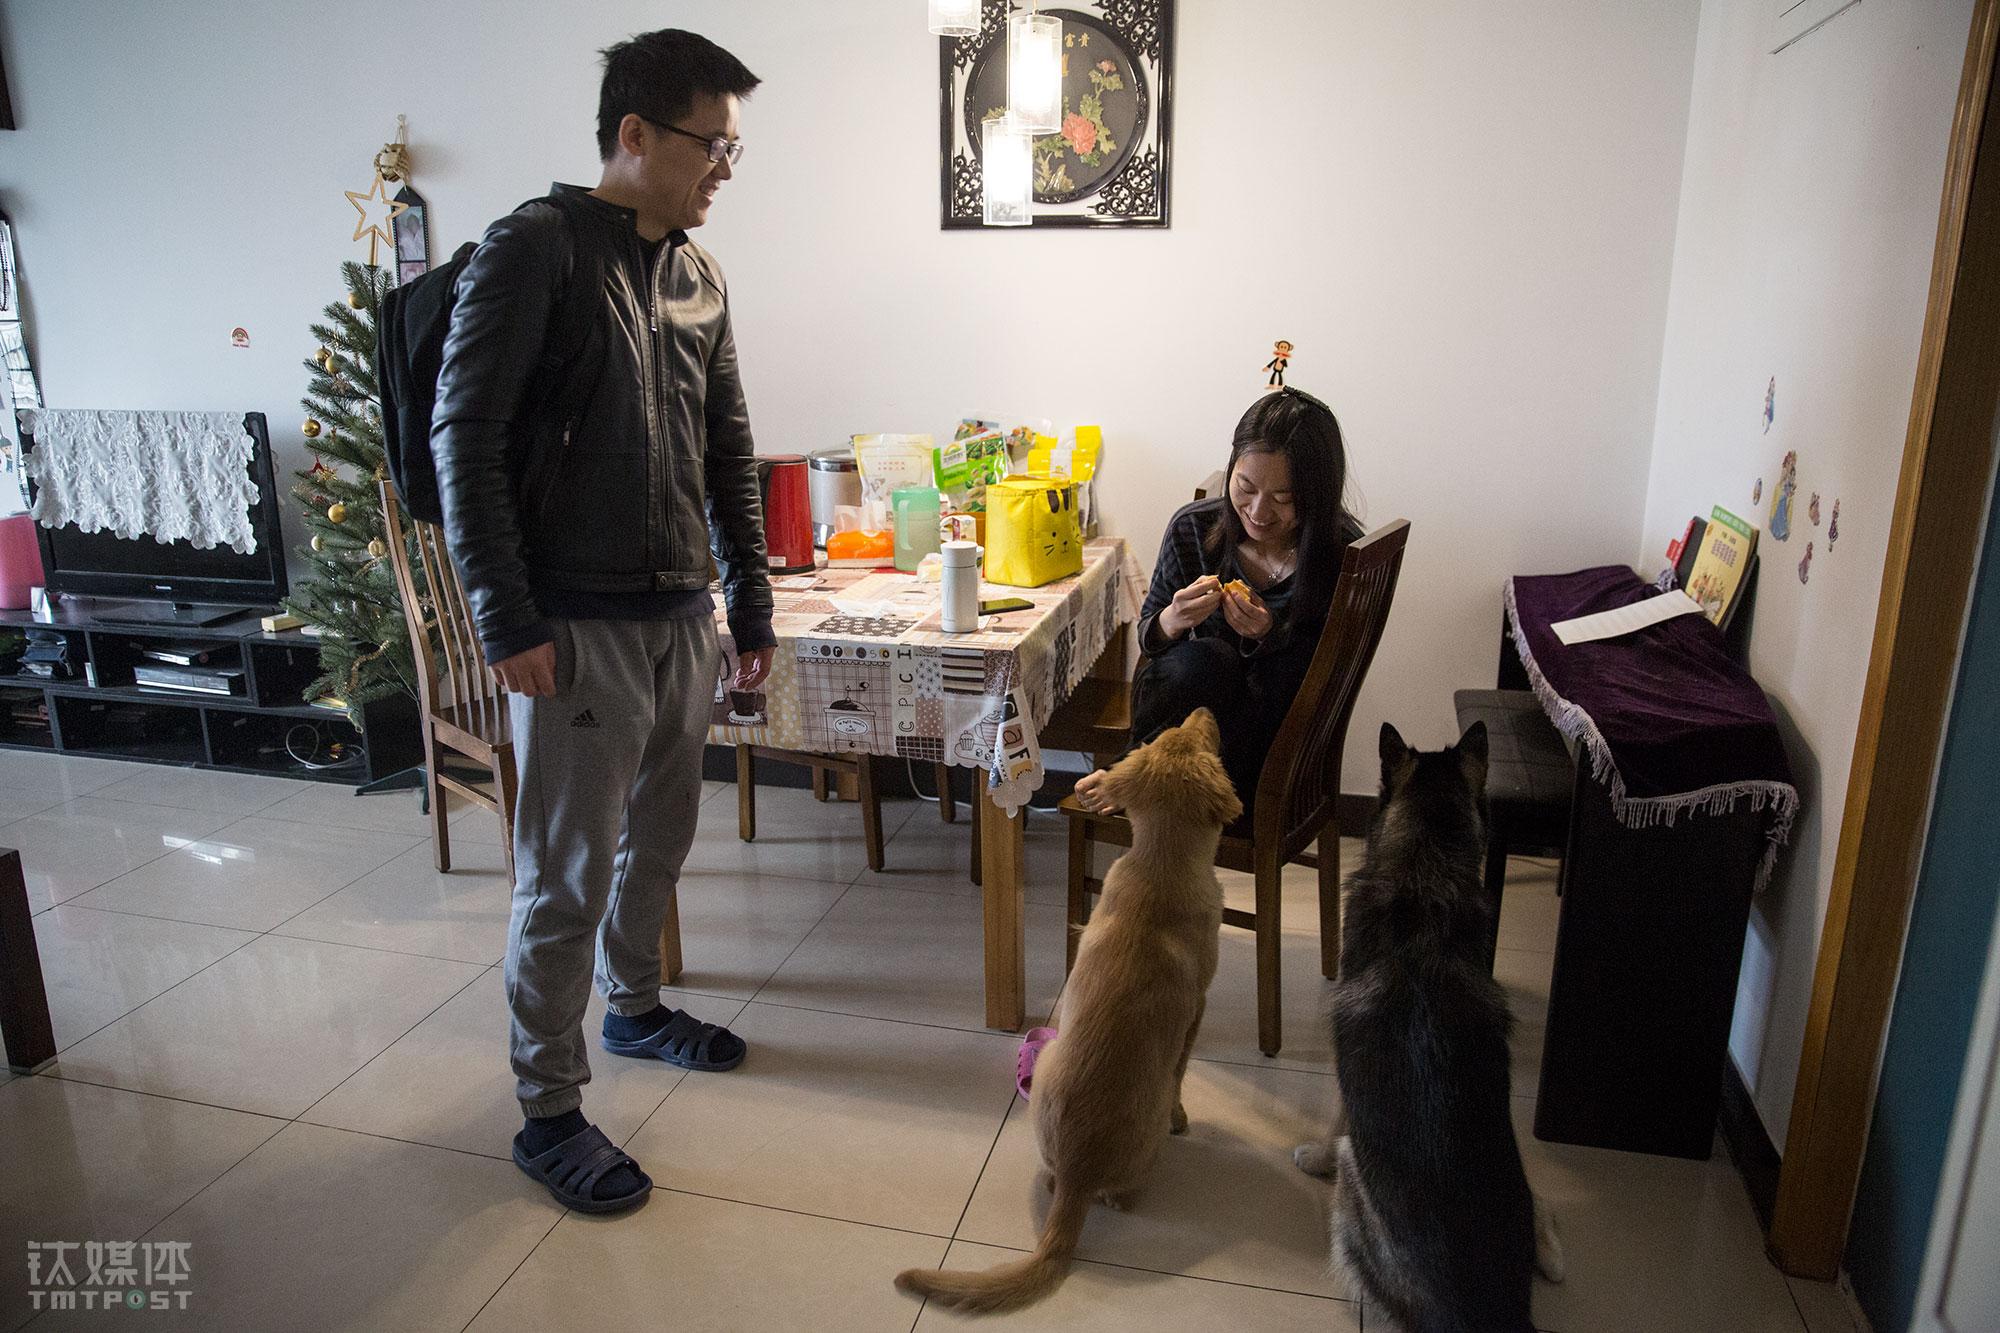 """4月3日早上,老徐遛完狗准备出门上班,他妻子正在吃早餐,Summer和多宝蹲坐地上等待着女主人喂食。""""以前觉得女儿一个人没有伴,现在Summer和多宝也可以陪伴孩子了。""""养狗之前,夫妻俩考虑过二胎的事情,养狗以后这一议题也暂时被放下了。"""